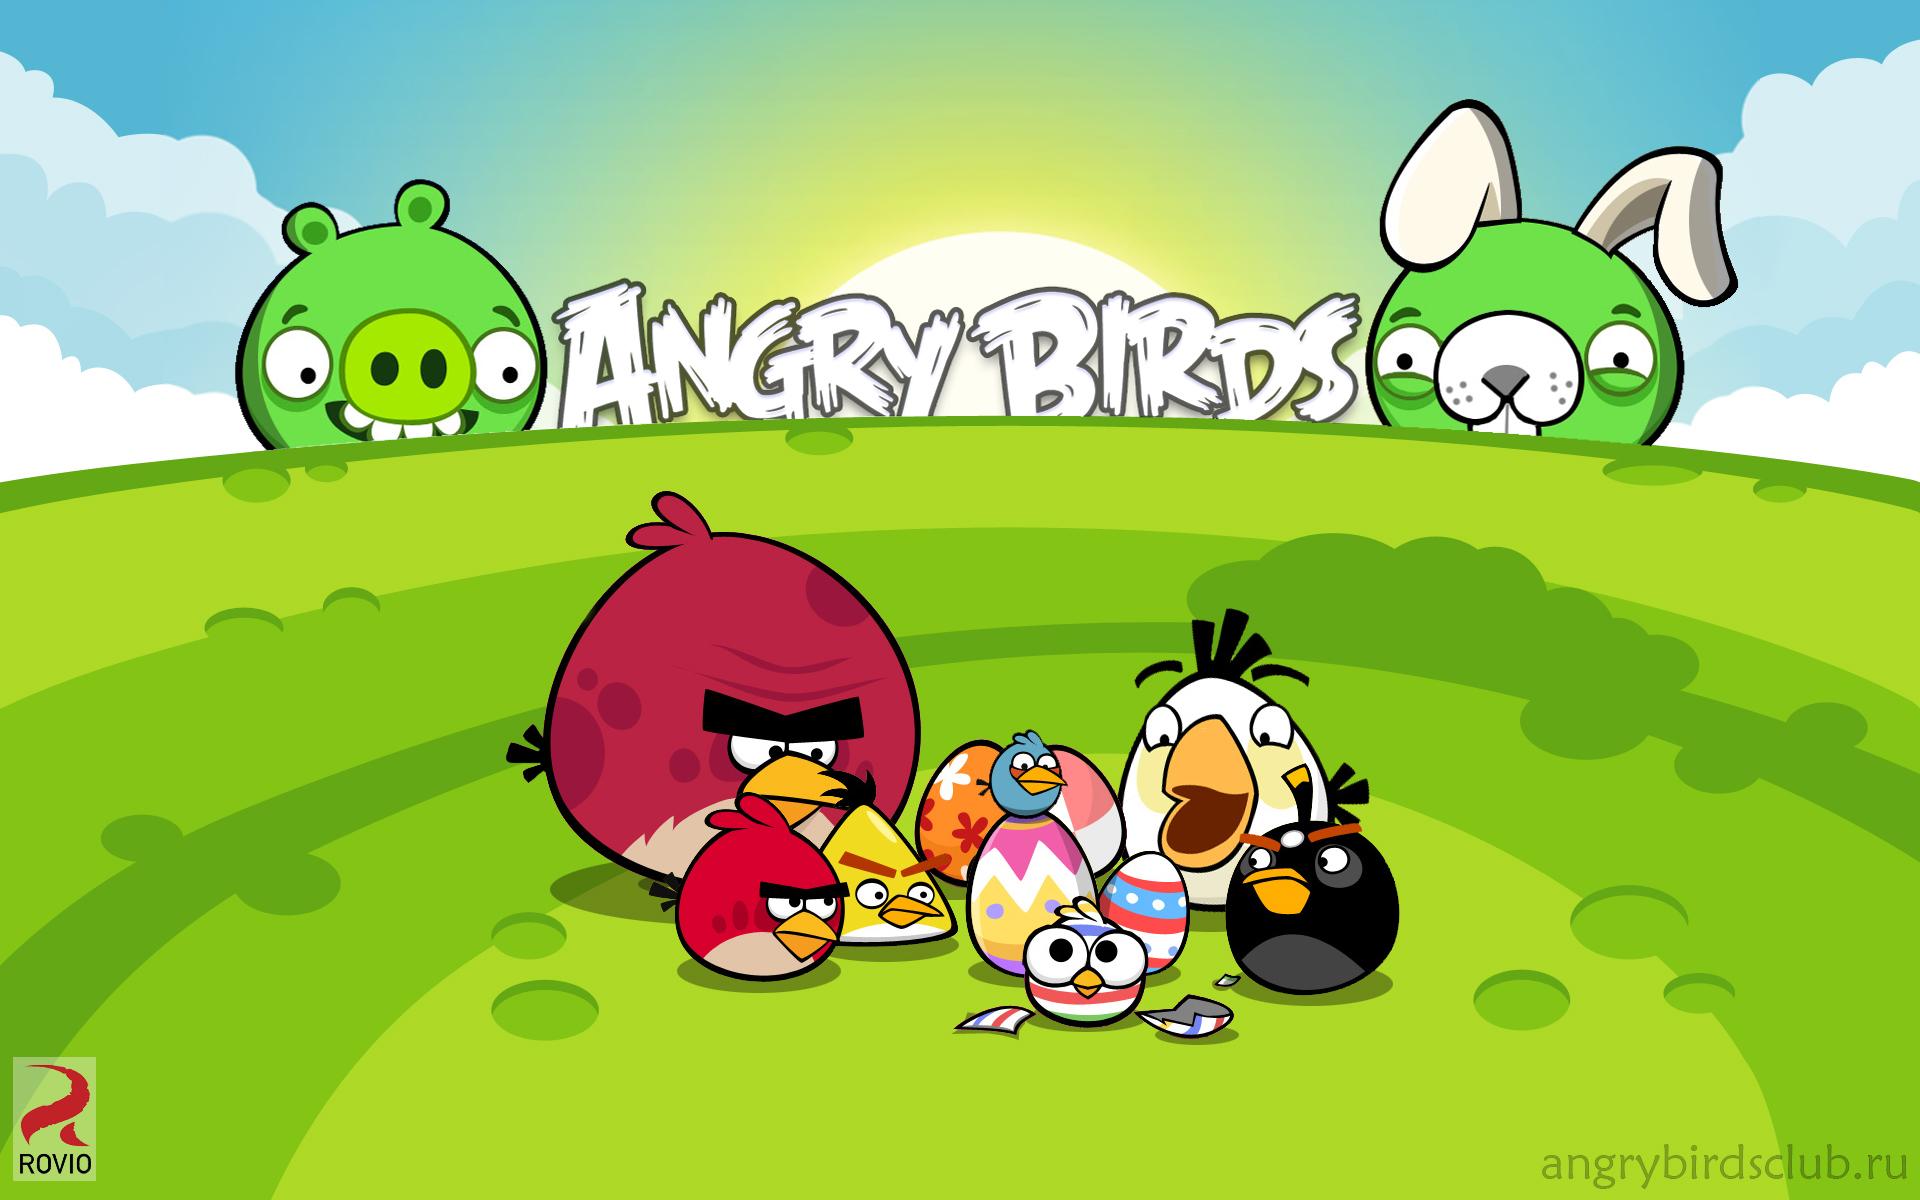 image - wallpaper angrybirdsclub ru easter | angry birds wiki